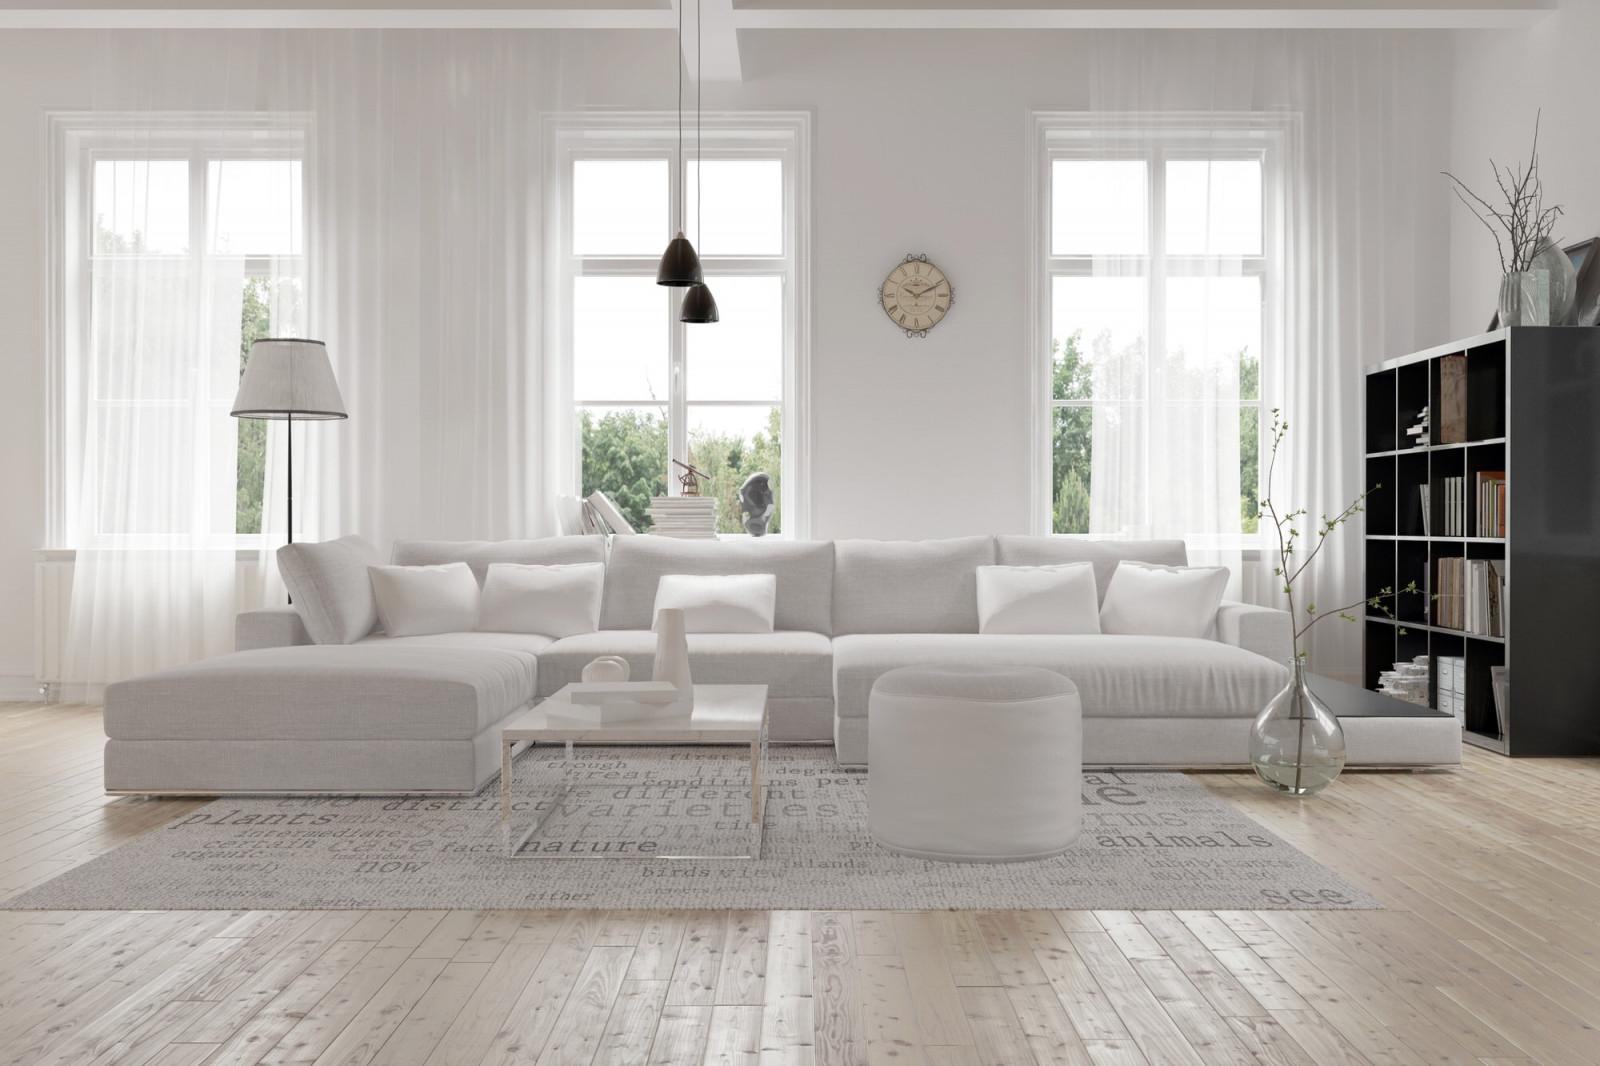 Große Räume Einrichten Und Gestalten – So Geht's  Heimhelden von Wohnzimmer Groß Einrichten Bild